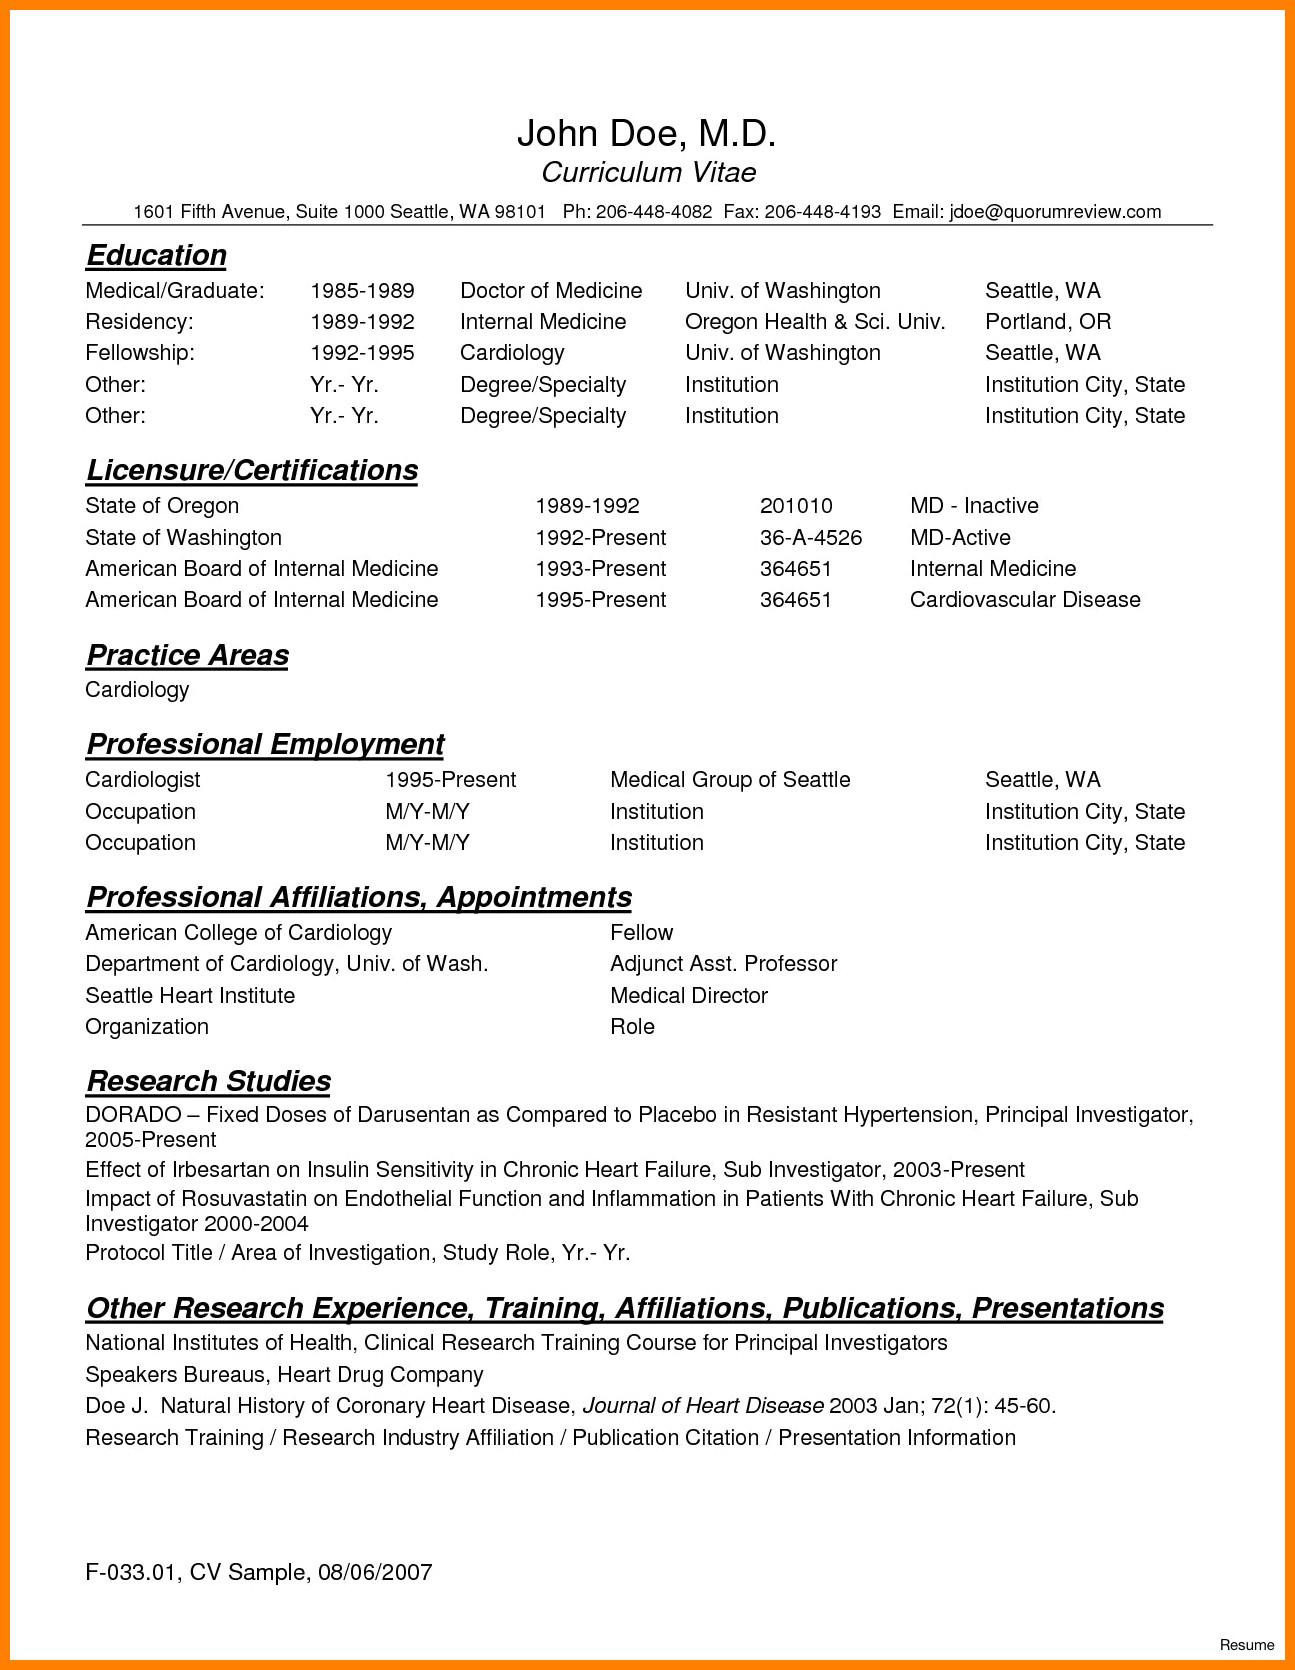 Medical Curriculum Vitae Templates 8 Curriculum Vitae for Doctors Sample